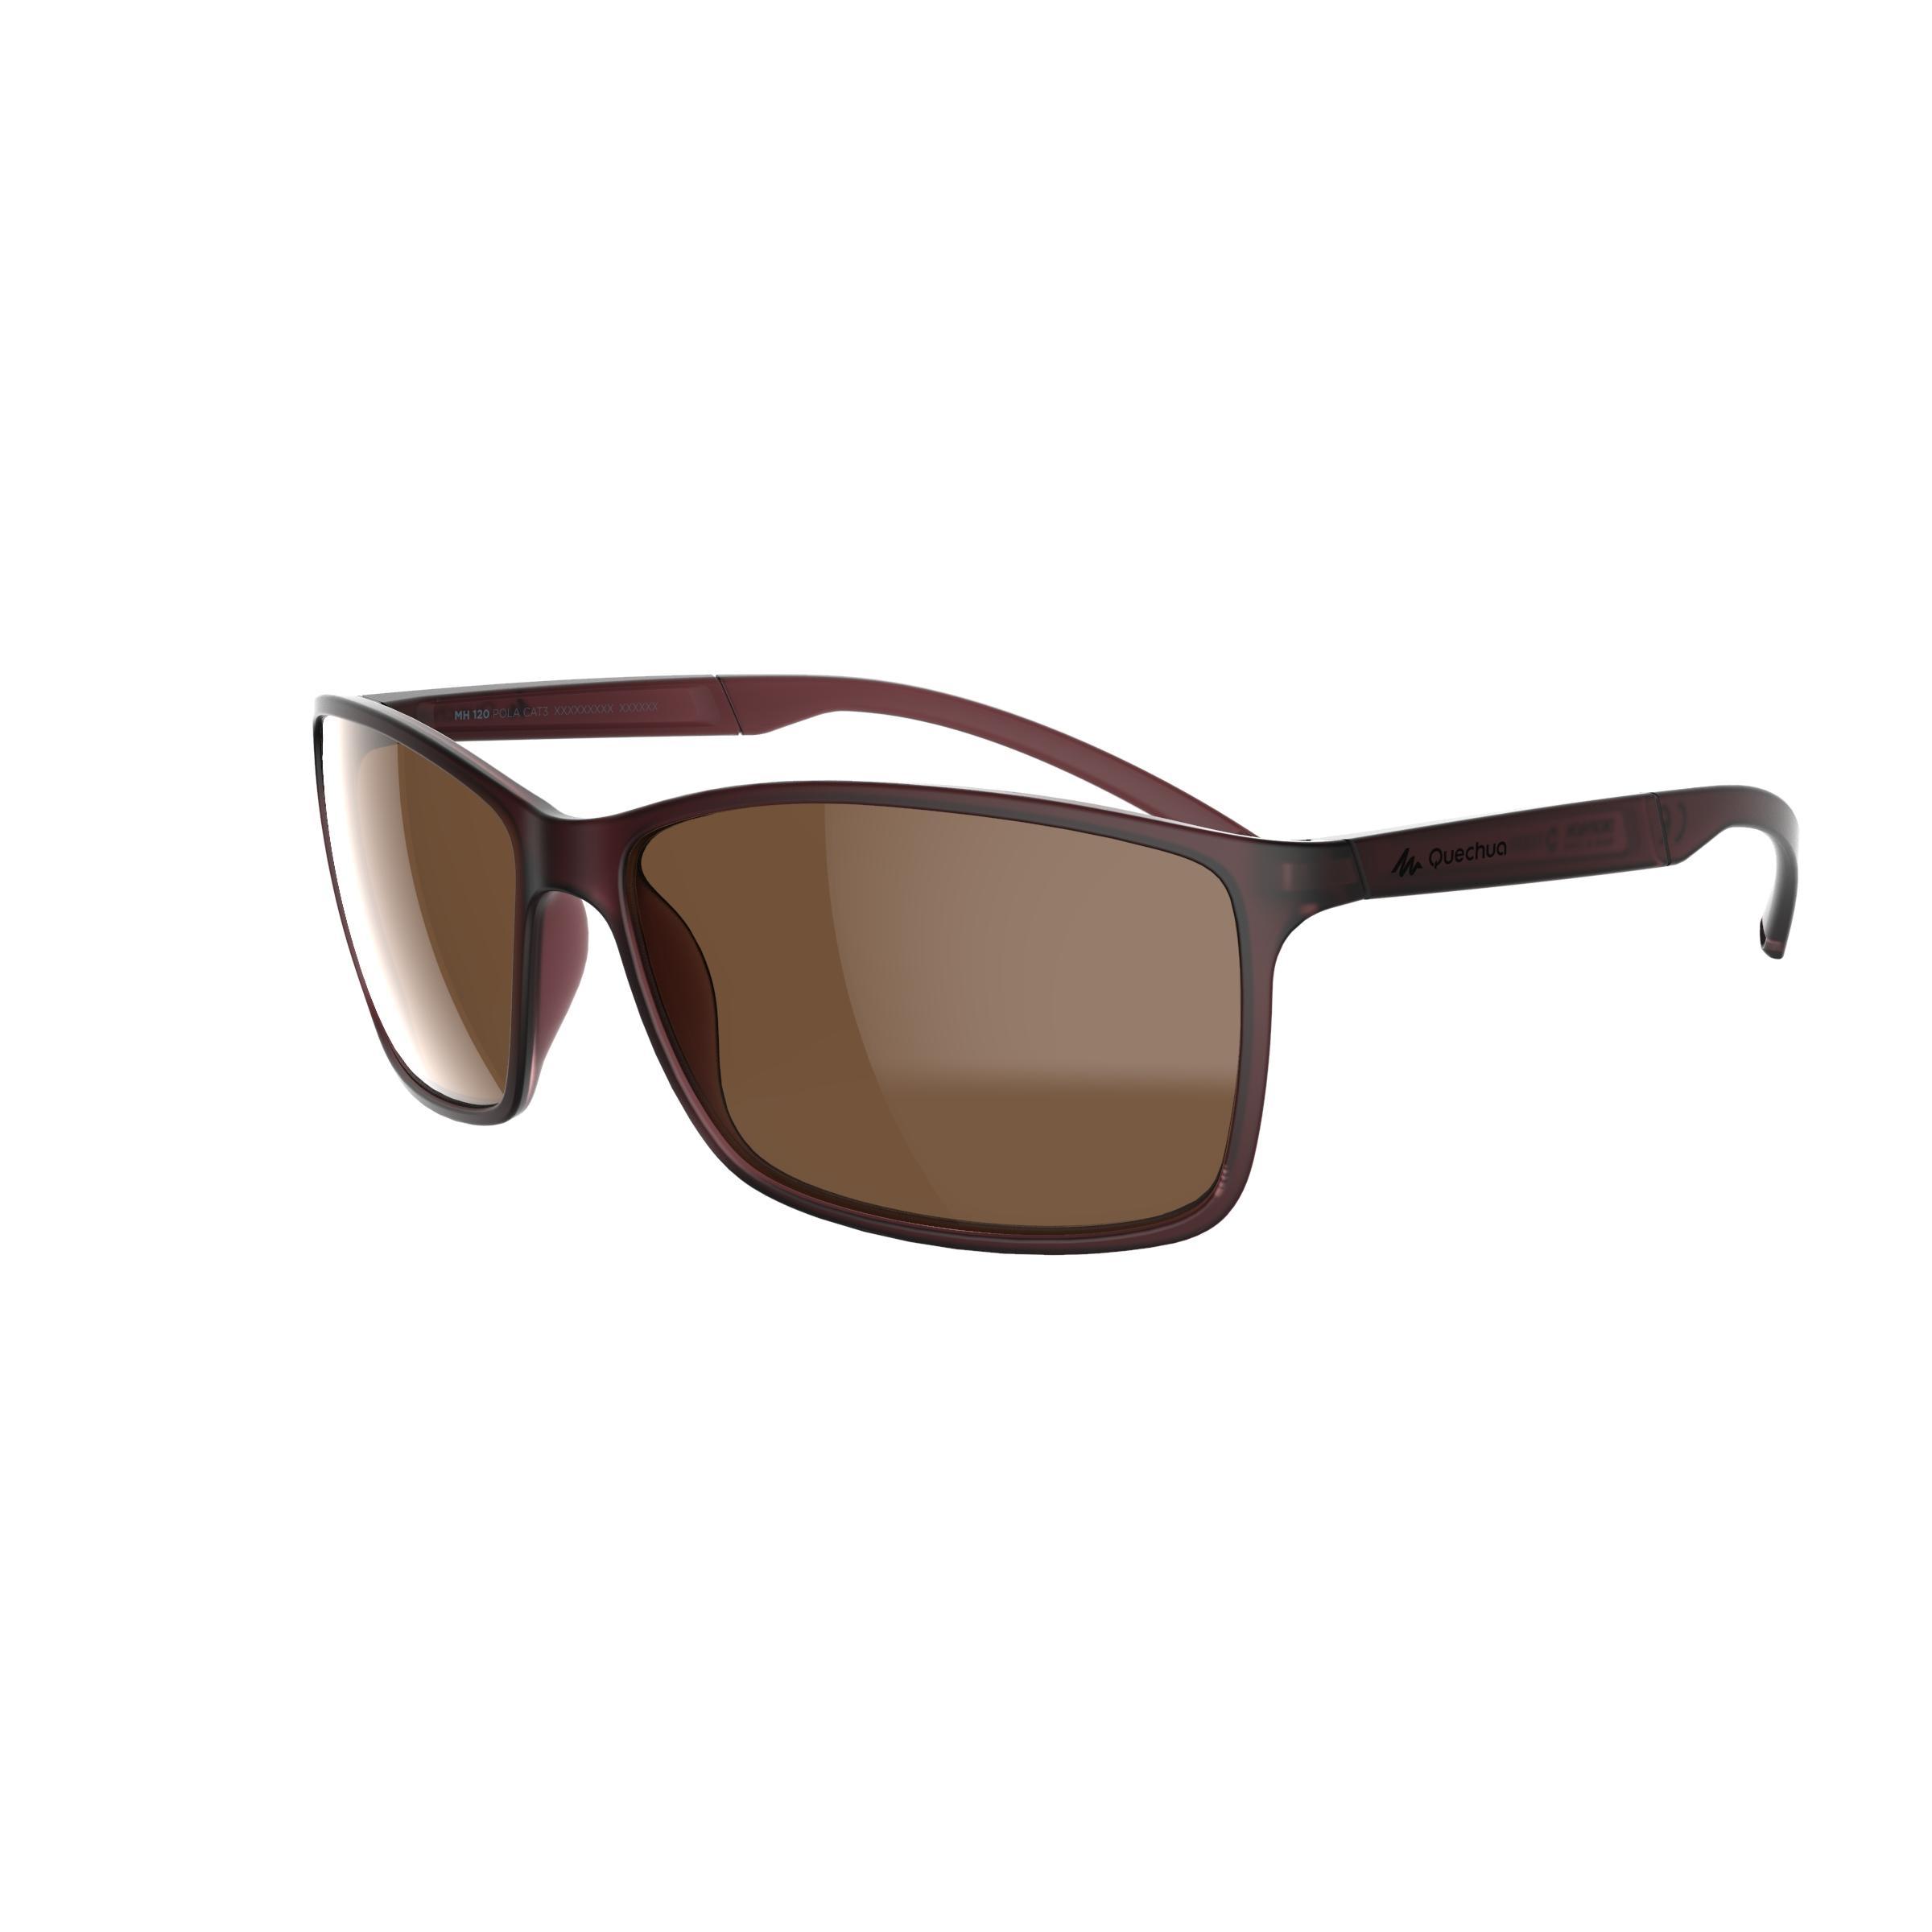 Sonnenbrille Sportbrille MH120 Kategorie 3 violett | Accessoires > Sonnenbrillen | Bordeaux | Quechua